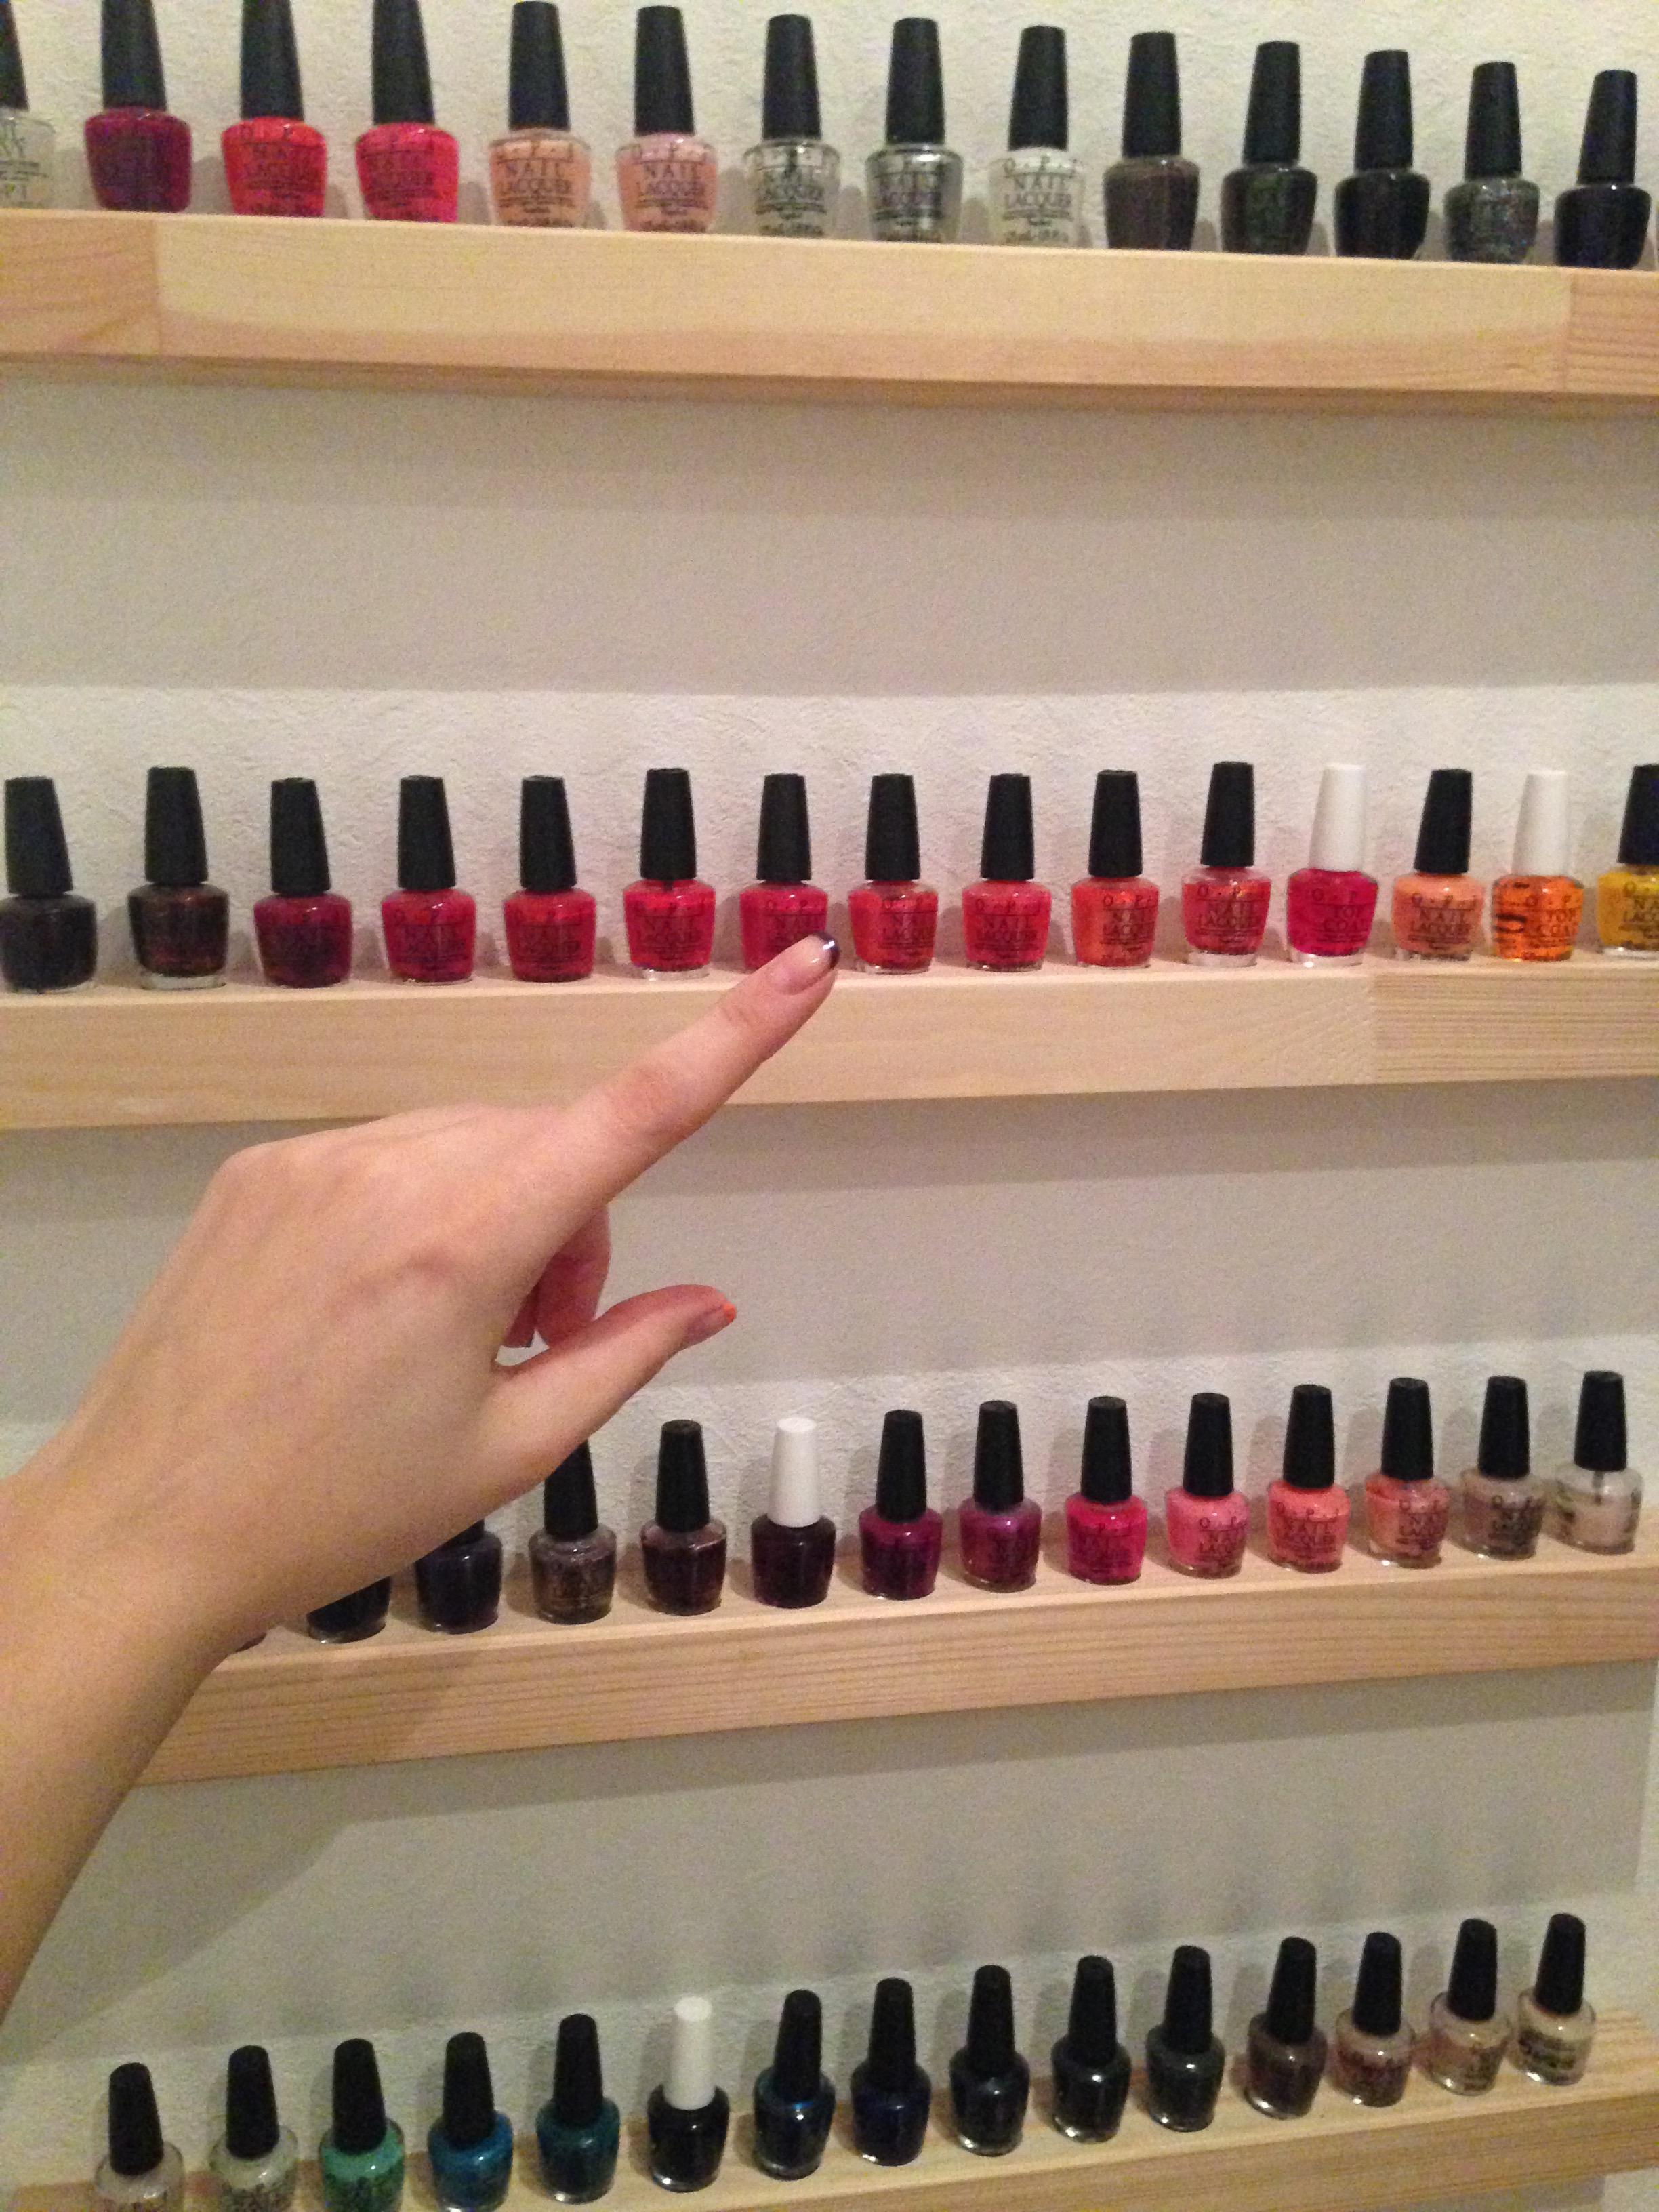 Diy nail polish shelves d then enjoy opicolection solutioingenieria Gallery